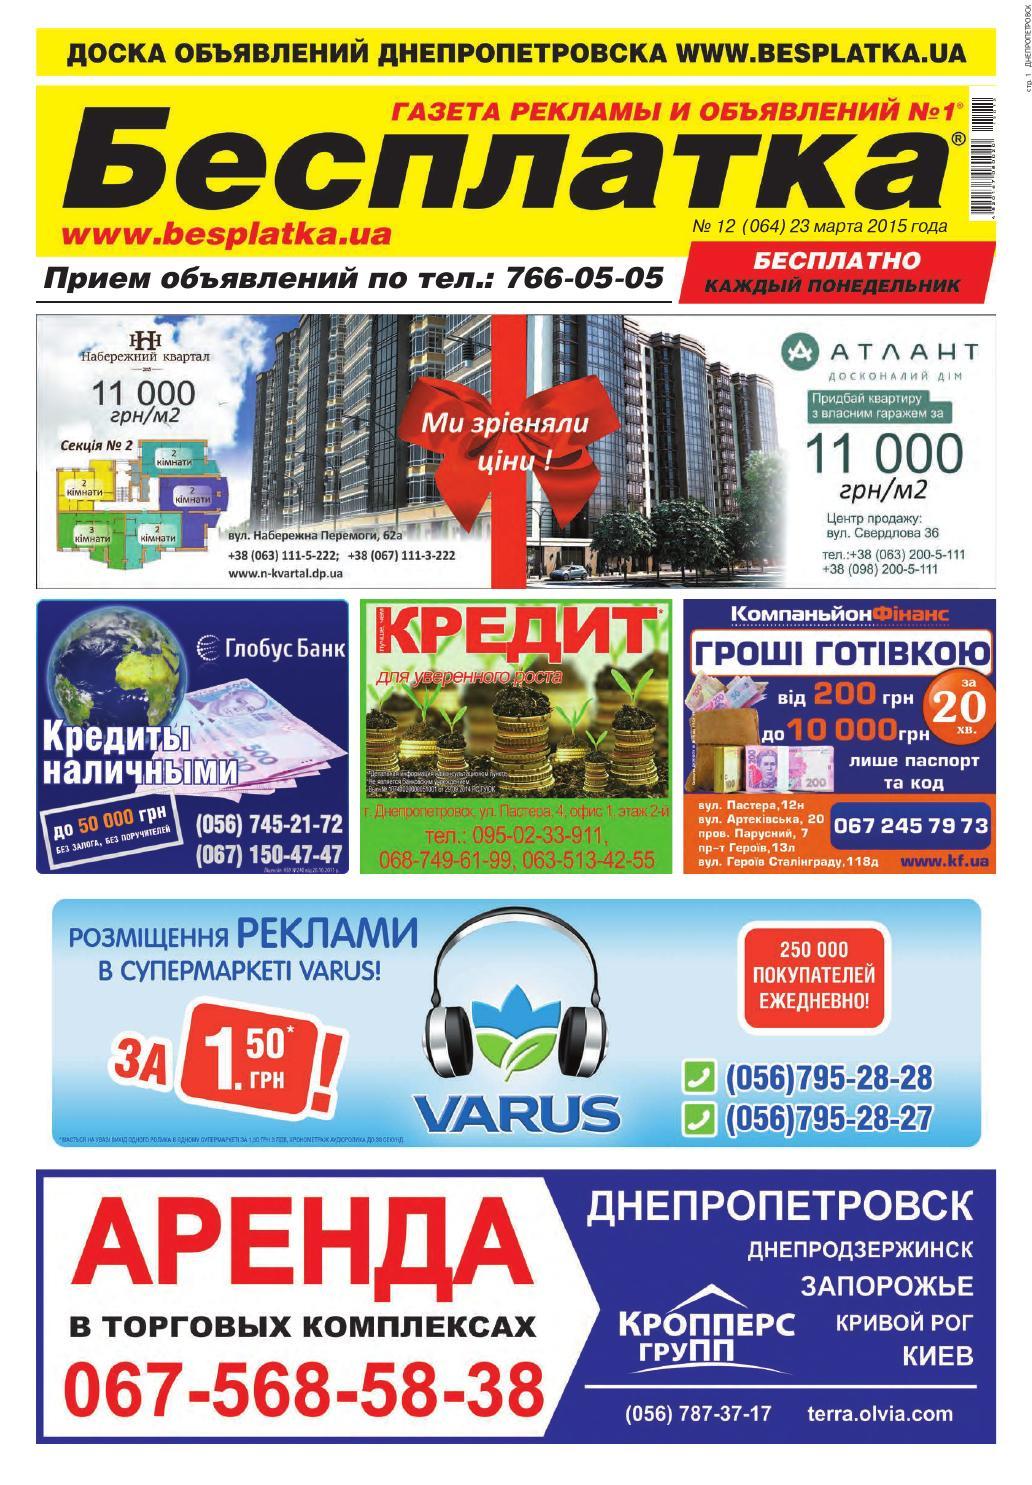 8164bac157b6 Besplatka dnepropetrovsk 23 03 2015 by besplatka ukraine - issuu